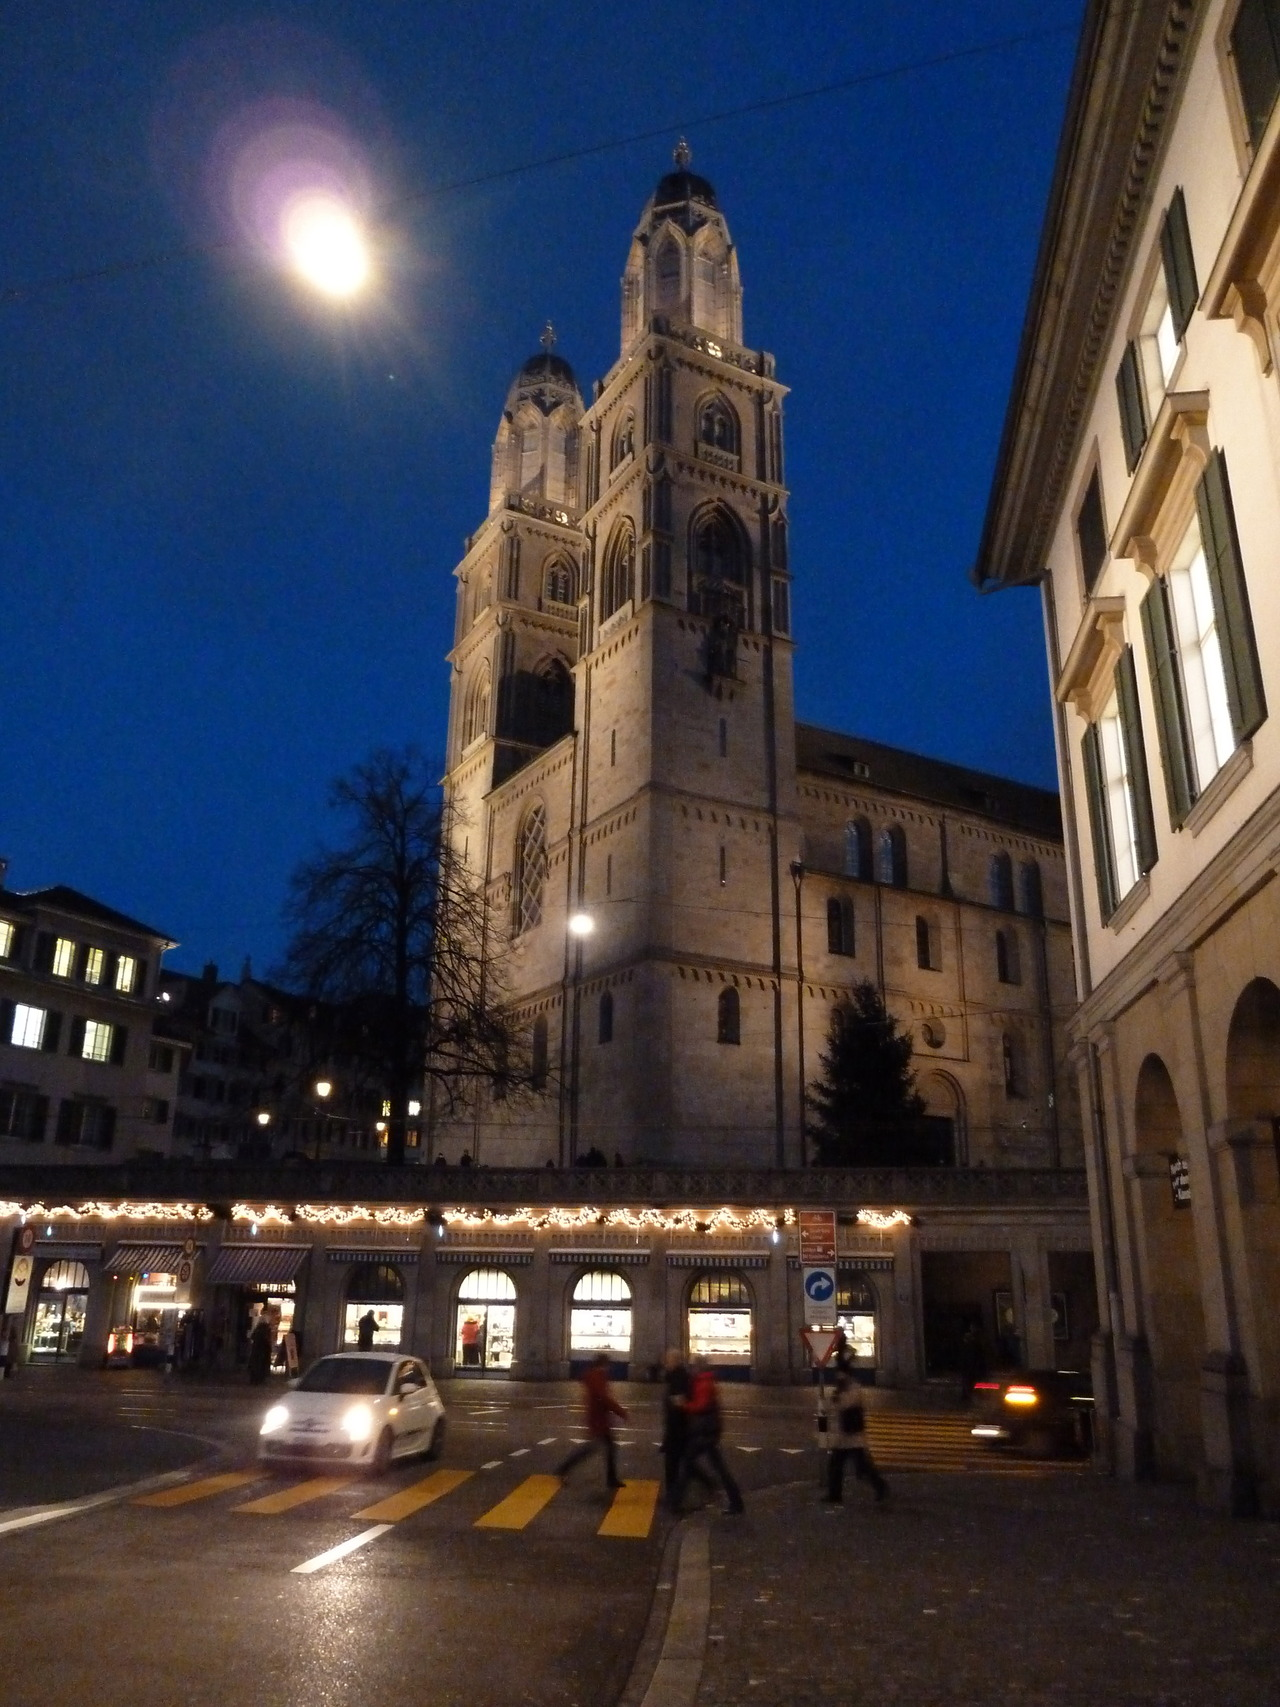 Unser wunderbares Wahrzeichen, das Gross Münster, aufgenommen von eclecticambition